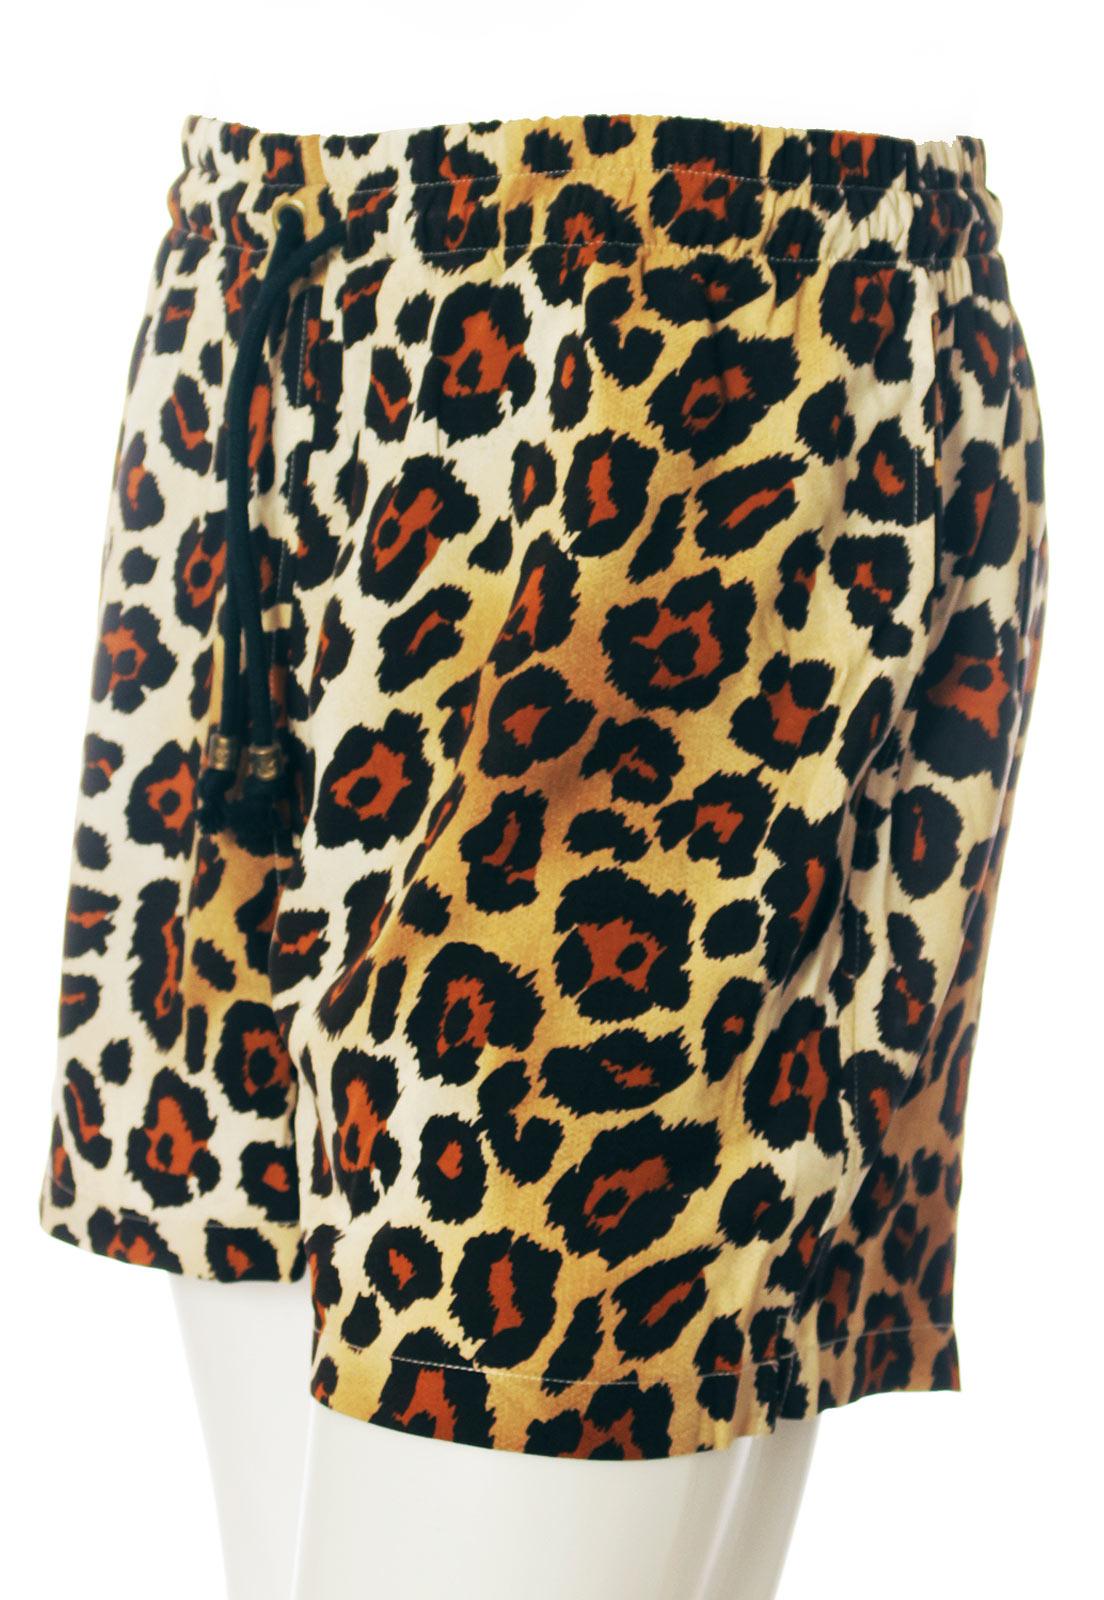 Shorts Estampado Animal Print Clássica ElephunK Sem Gênero Marrom